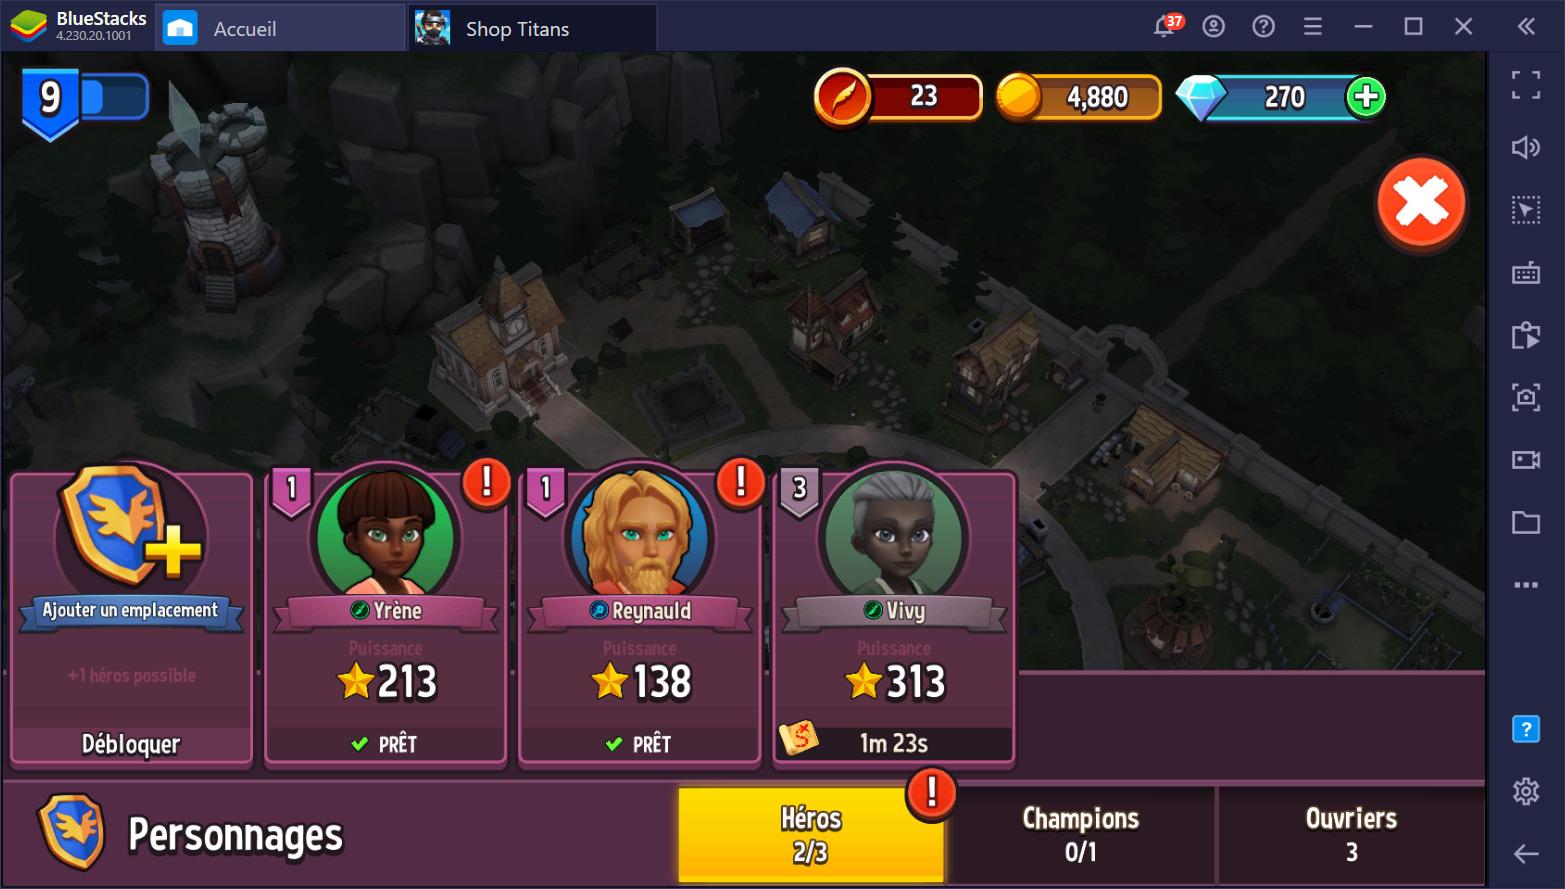 Shop Titans sur PC: Le Guide Complet sur les Personnages